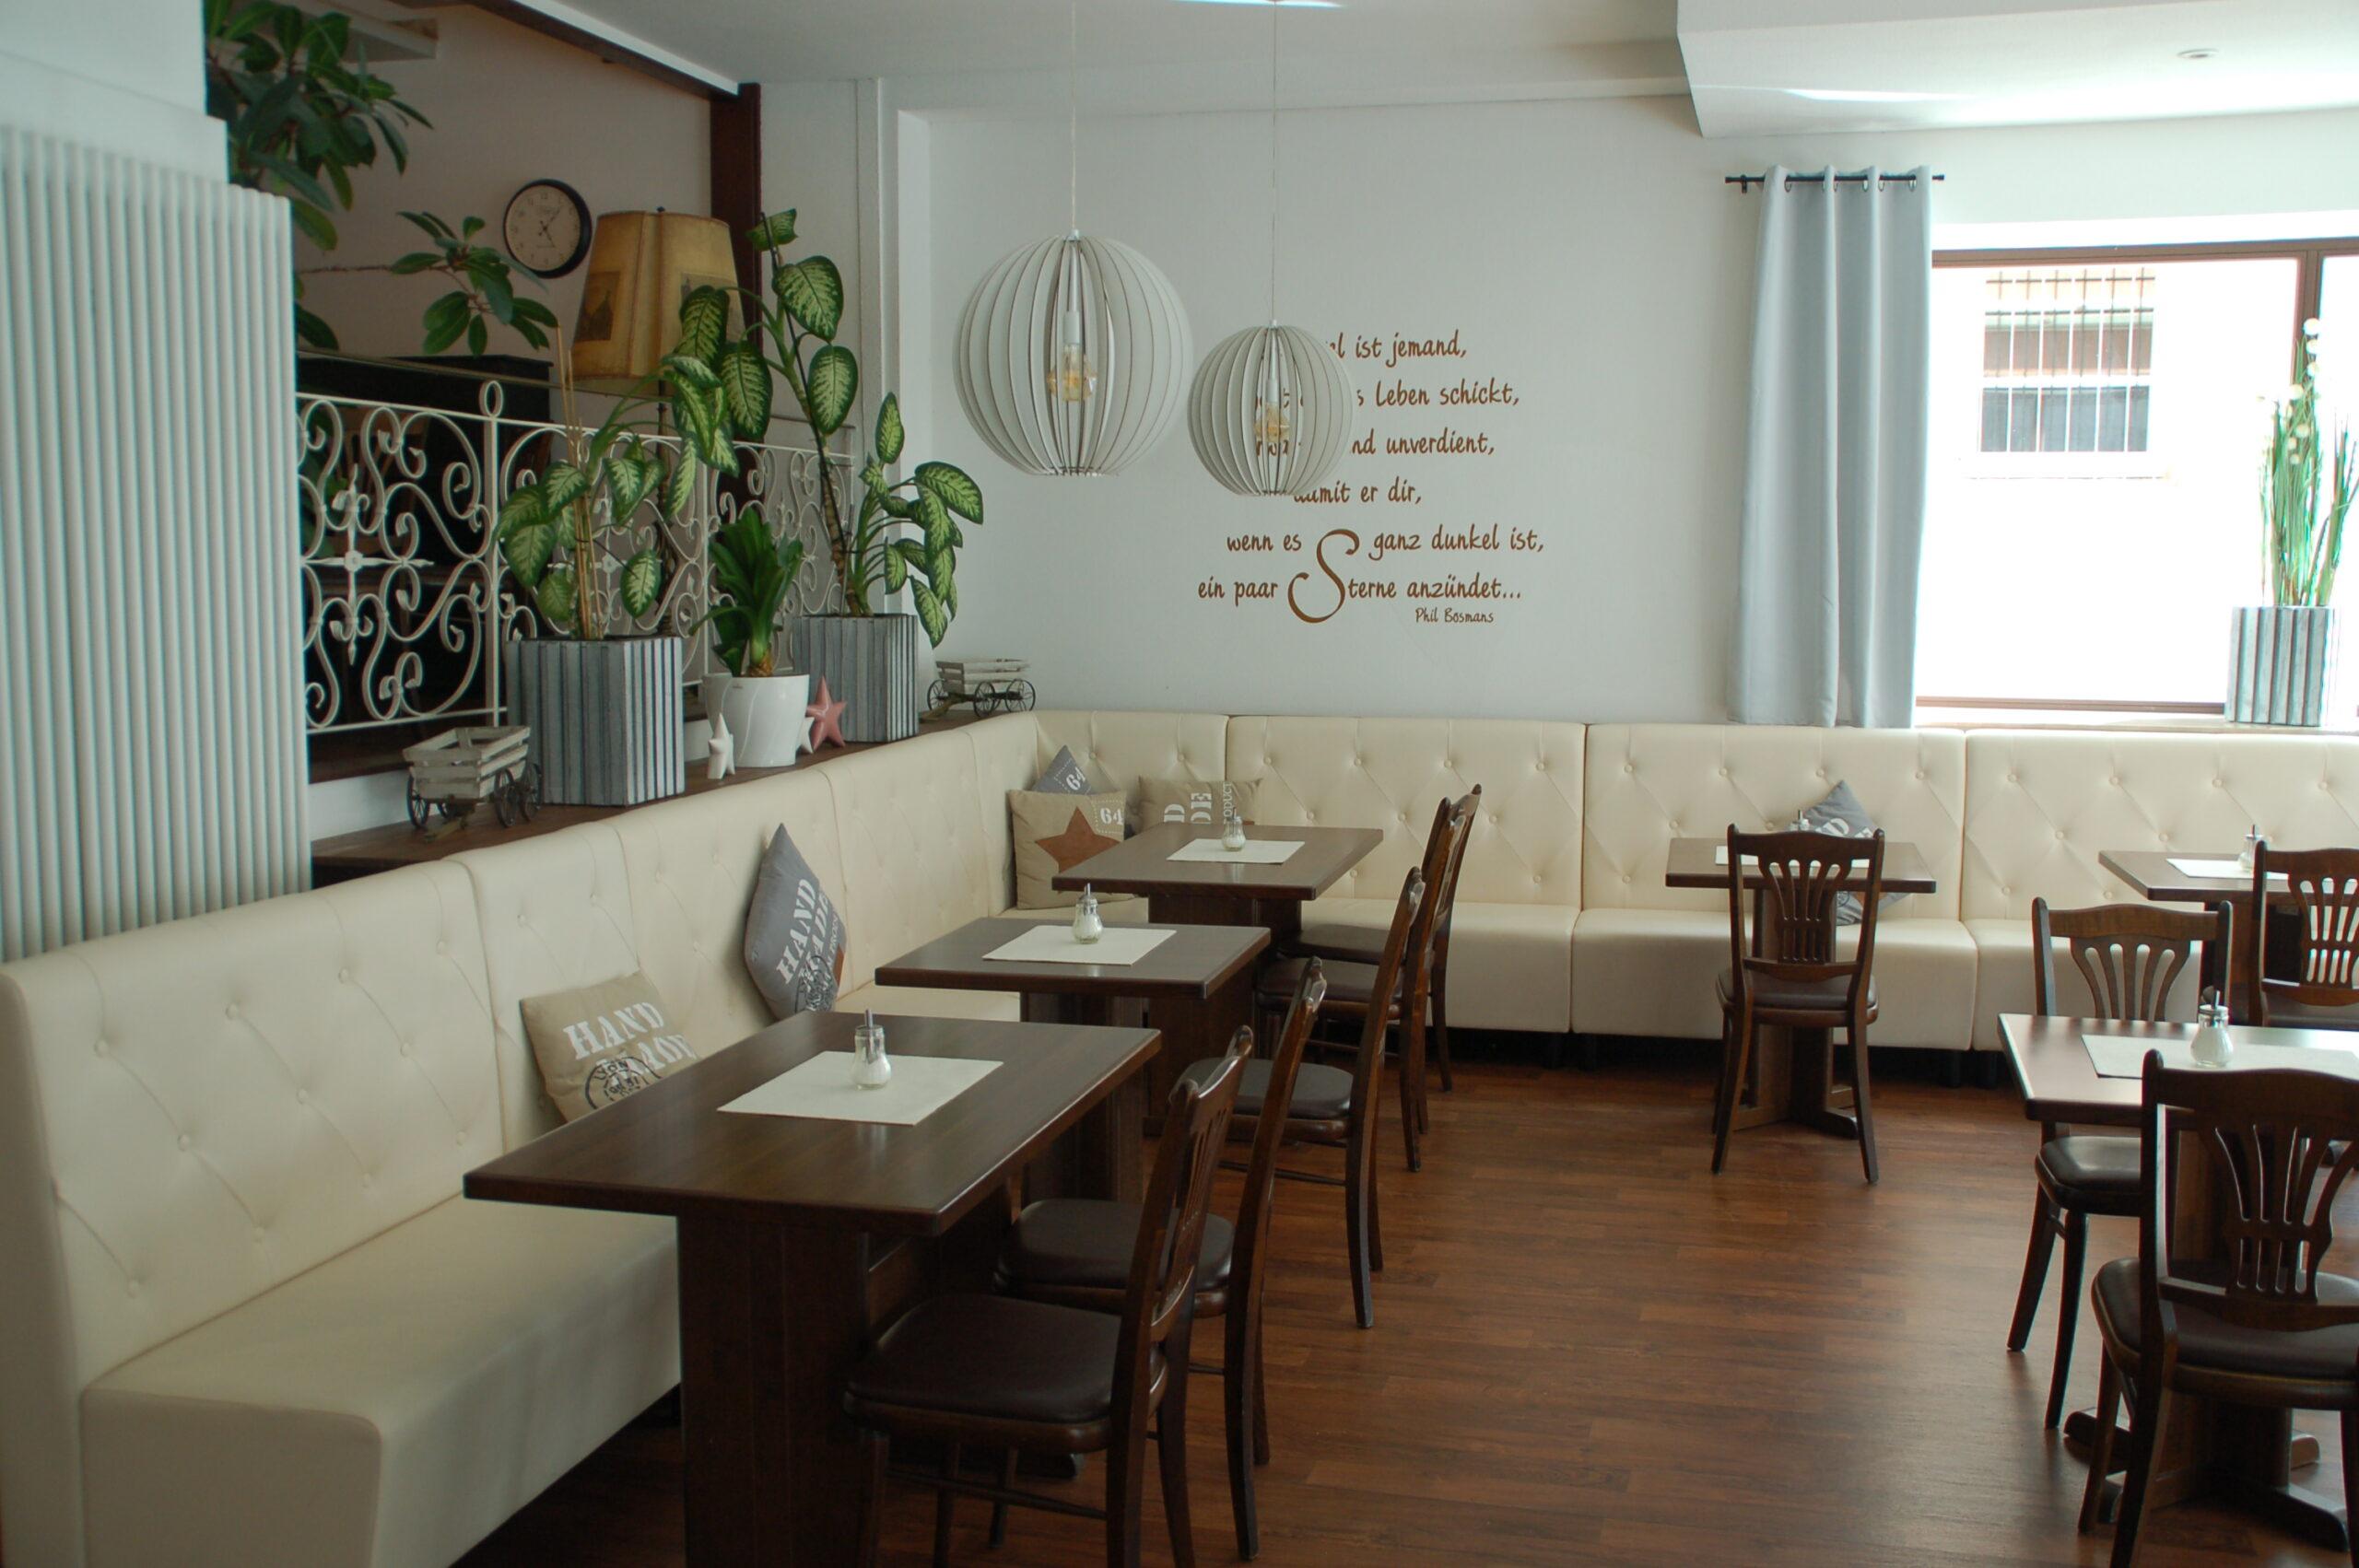 Stadtcafé Oettingen Innenbereich